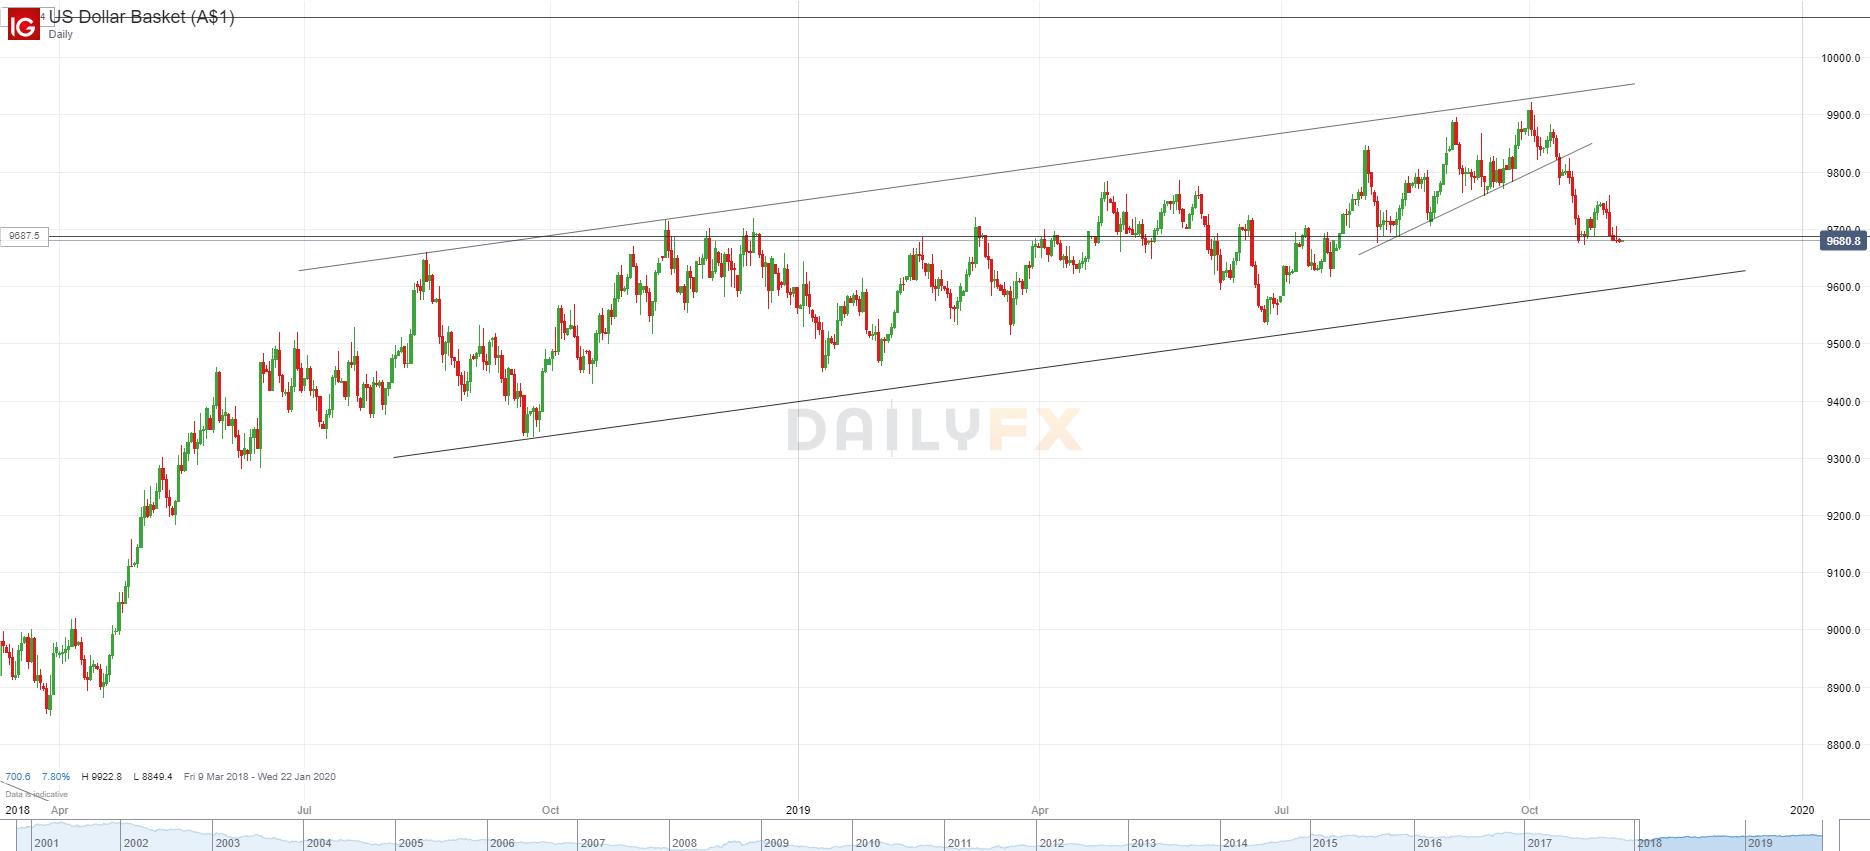 美元向下、股指向上,聯儲兜底開始顯威力?